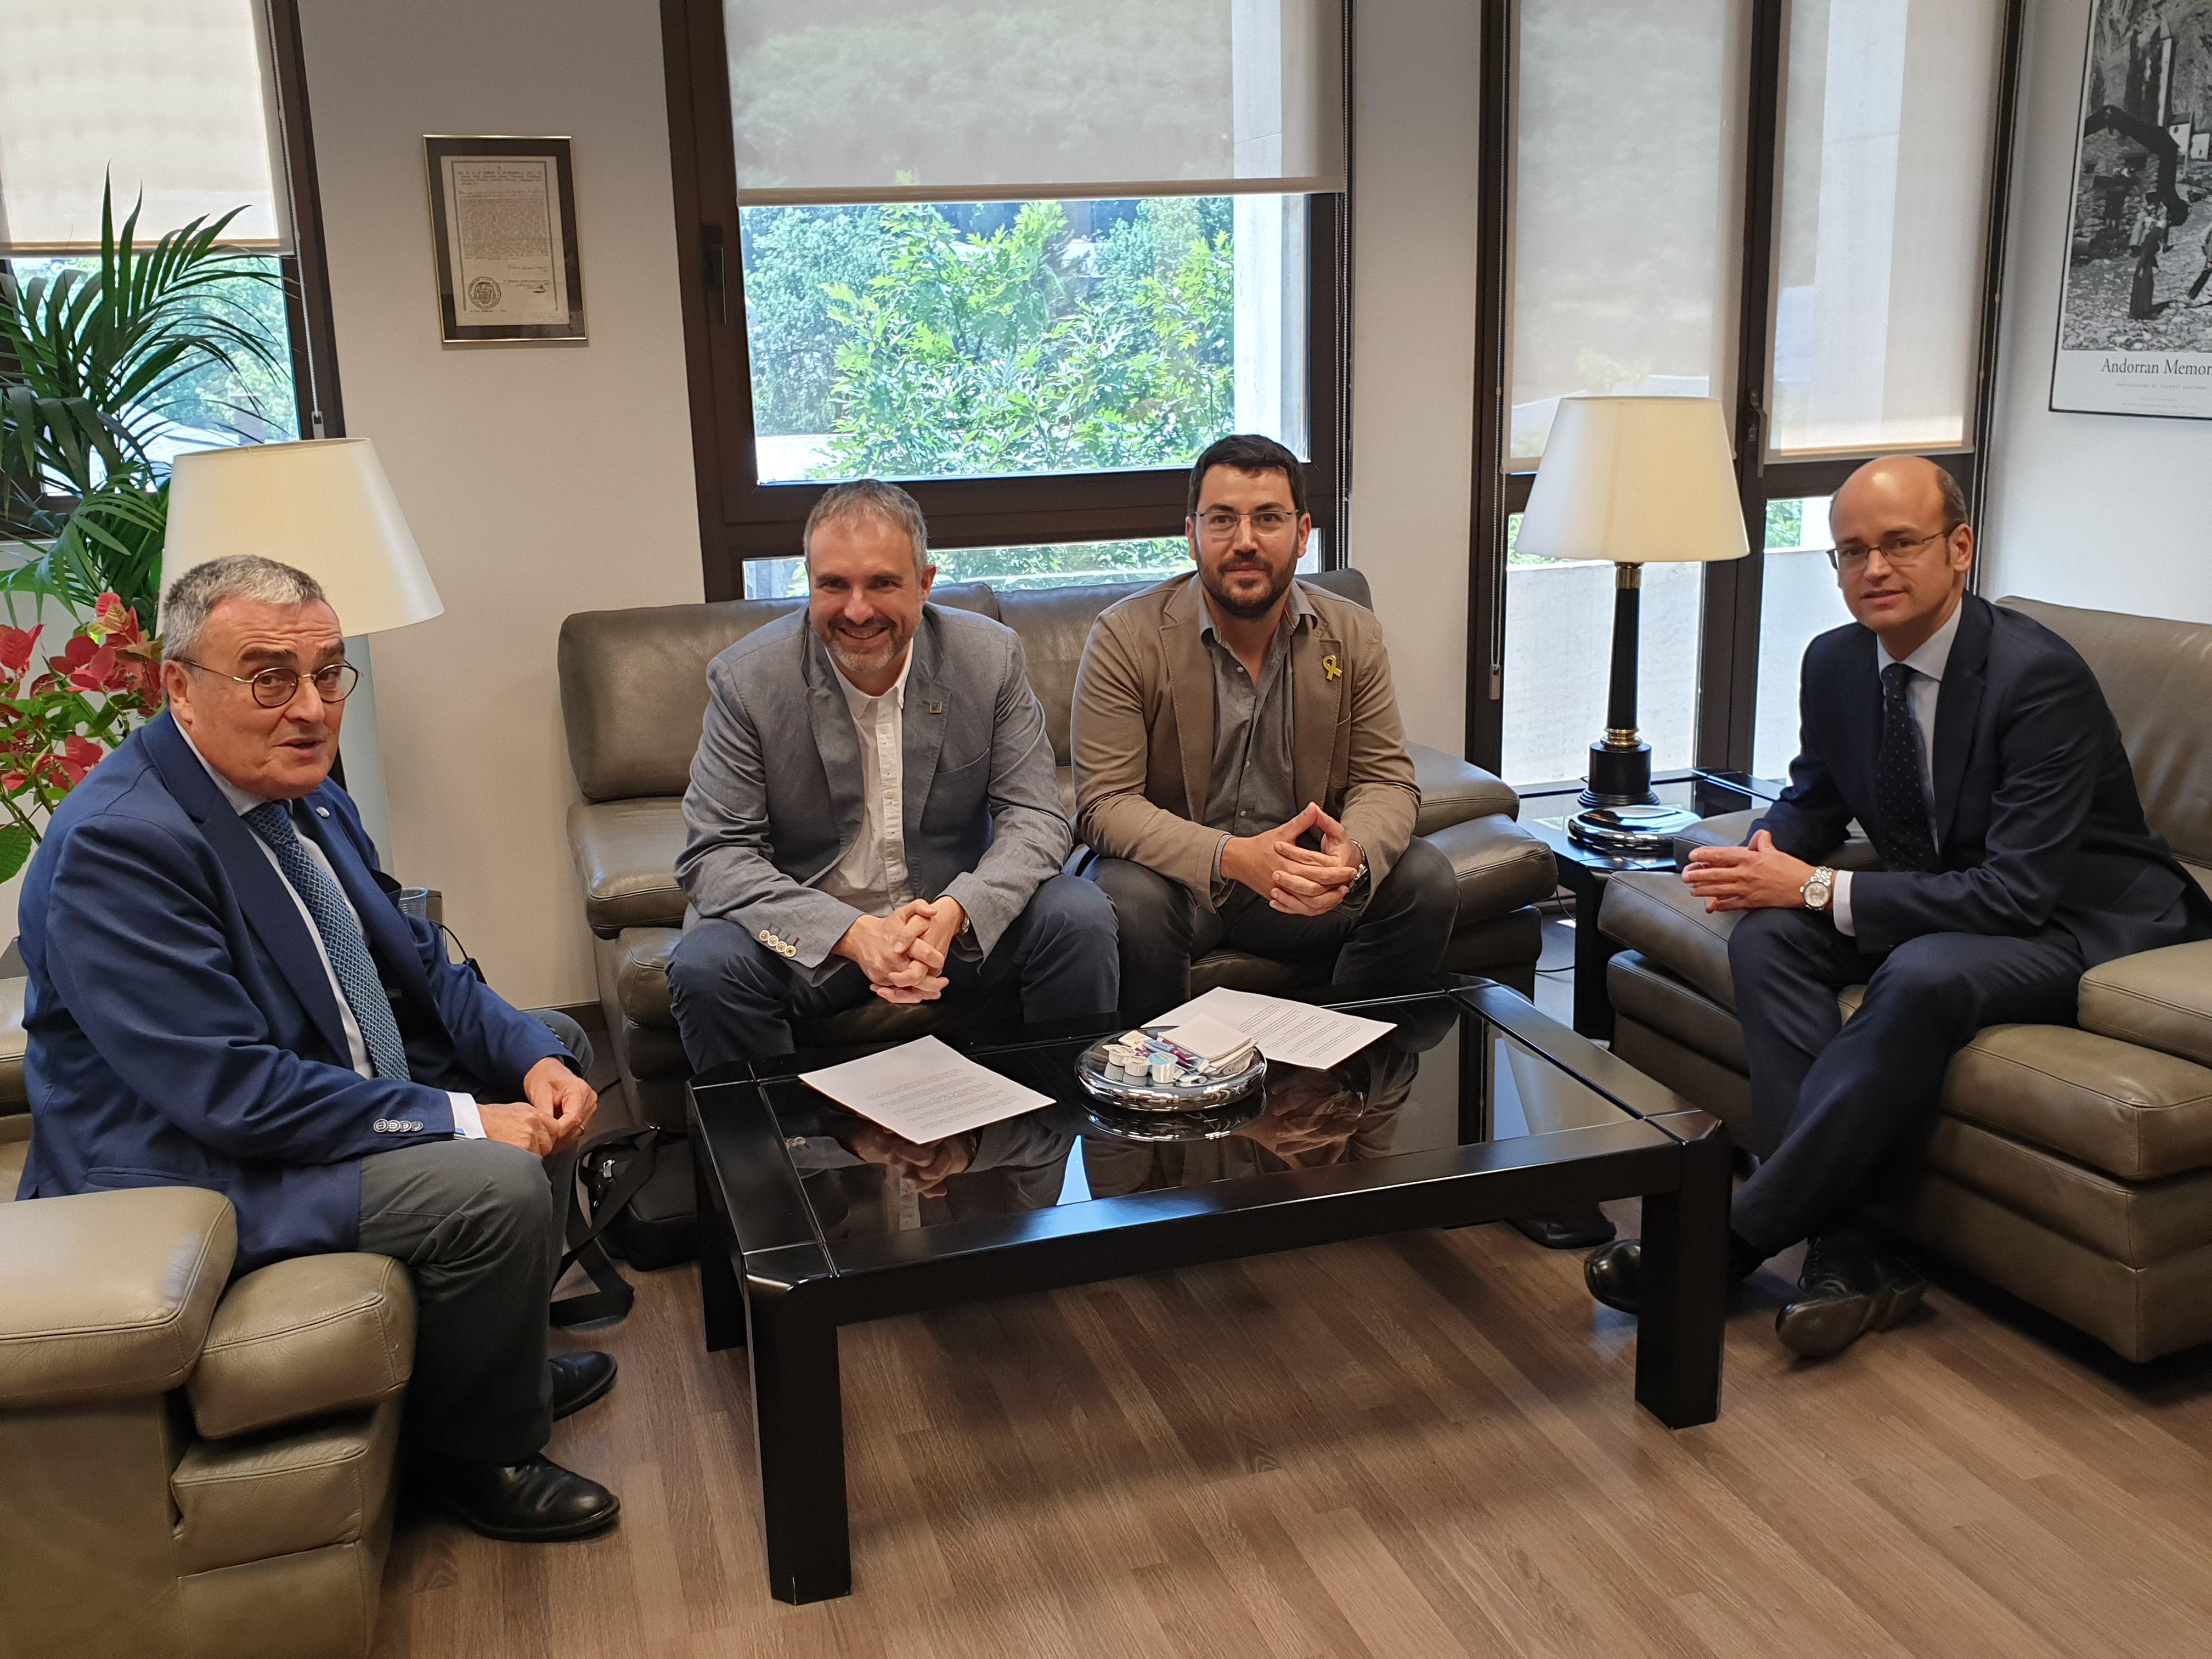 L'alcalde de la Seu d'Urgell, Jordi Fàbrega, i el